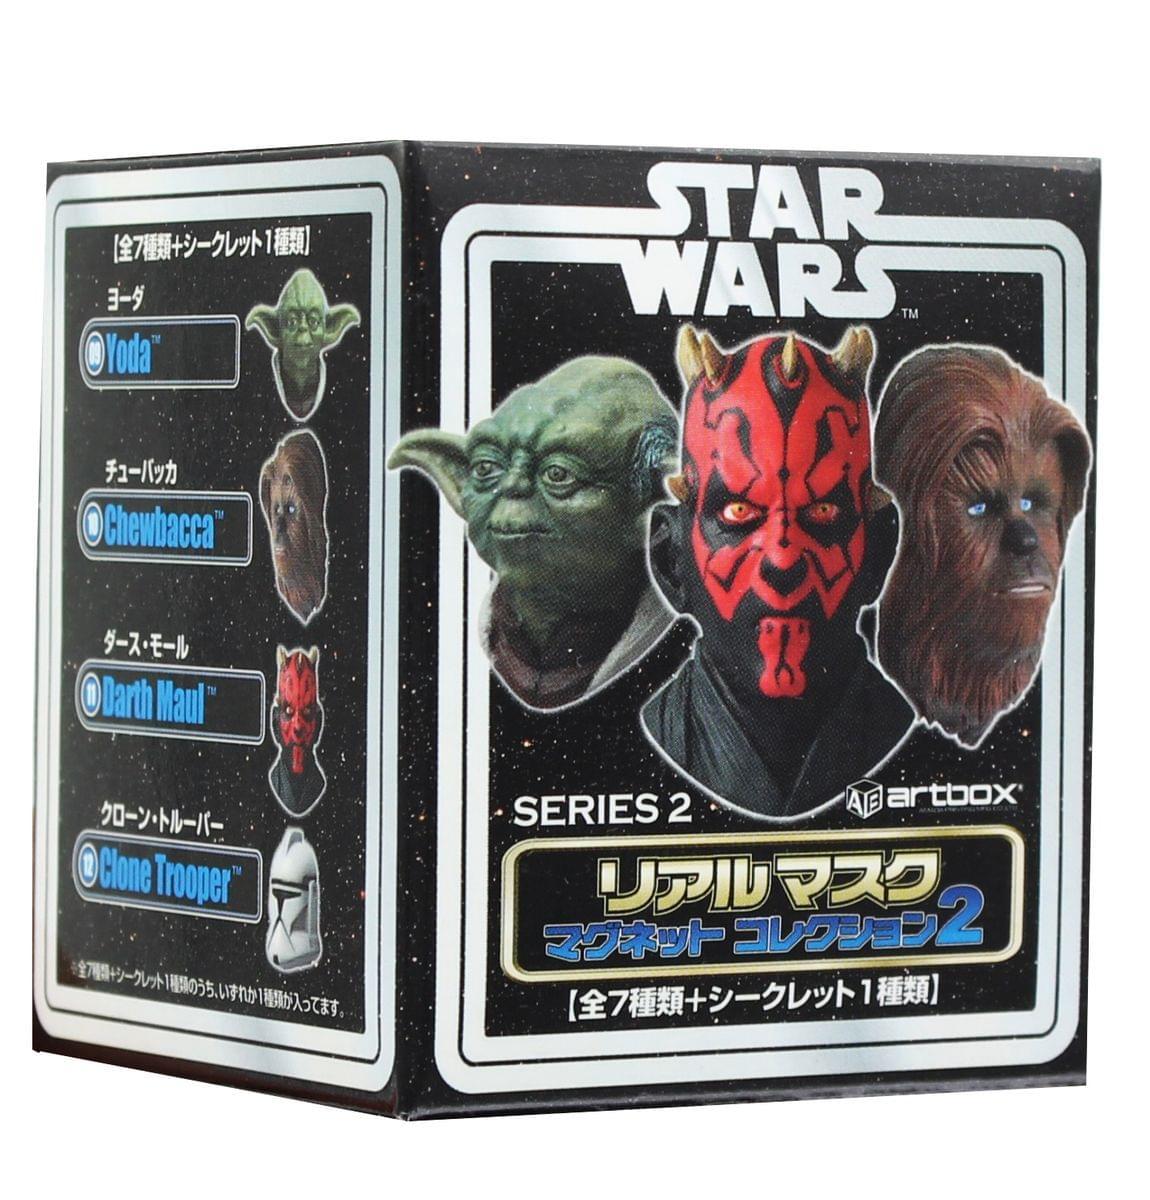 Star Wars 3 5 Real Mask Magnets Series 2 09 Yoda